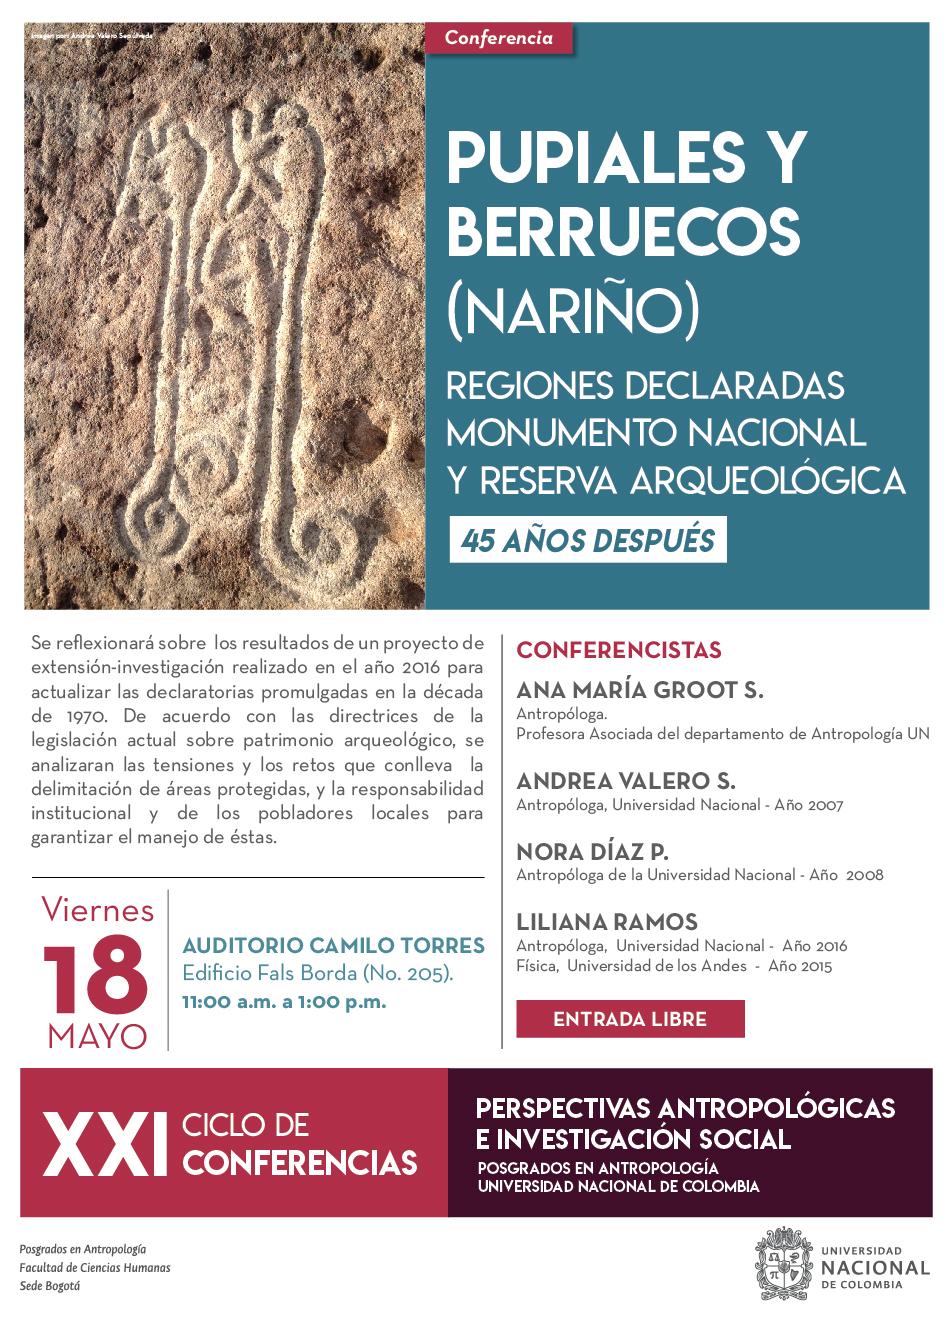 Conferencia «Pupiales y Berruecos (Nariño), regiones declaradas monumento nacional y reserva arqueológica, 45 años después»